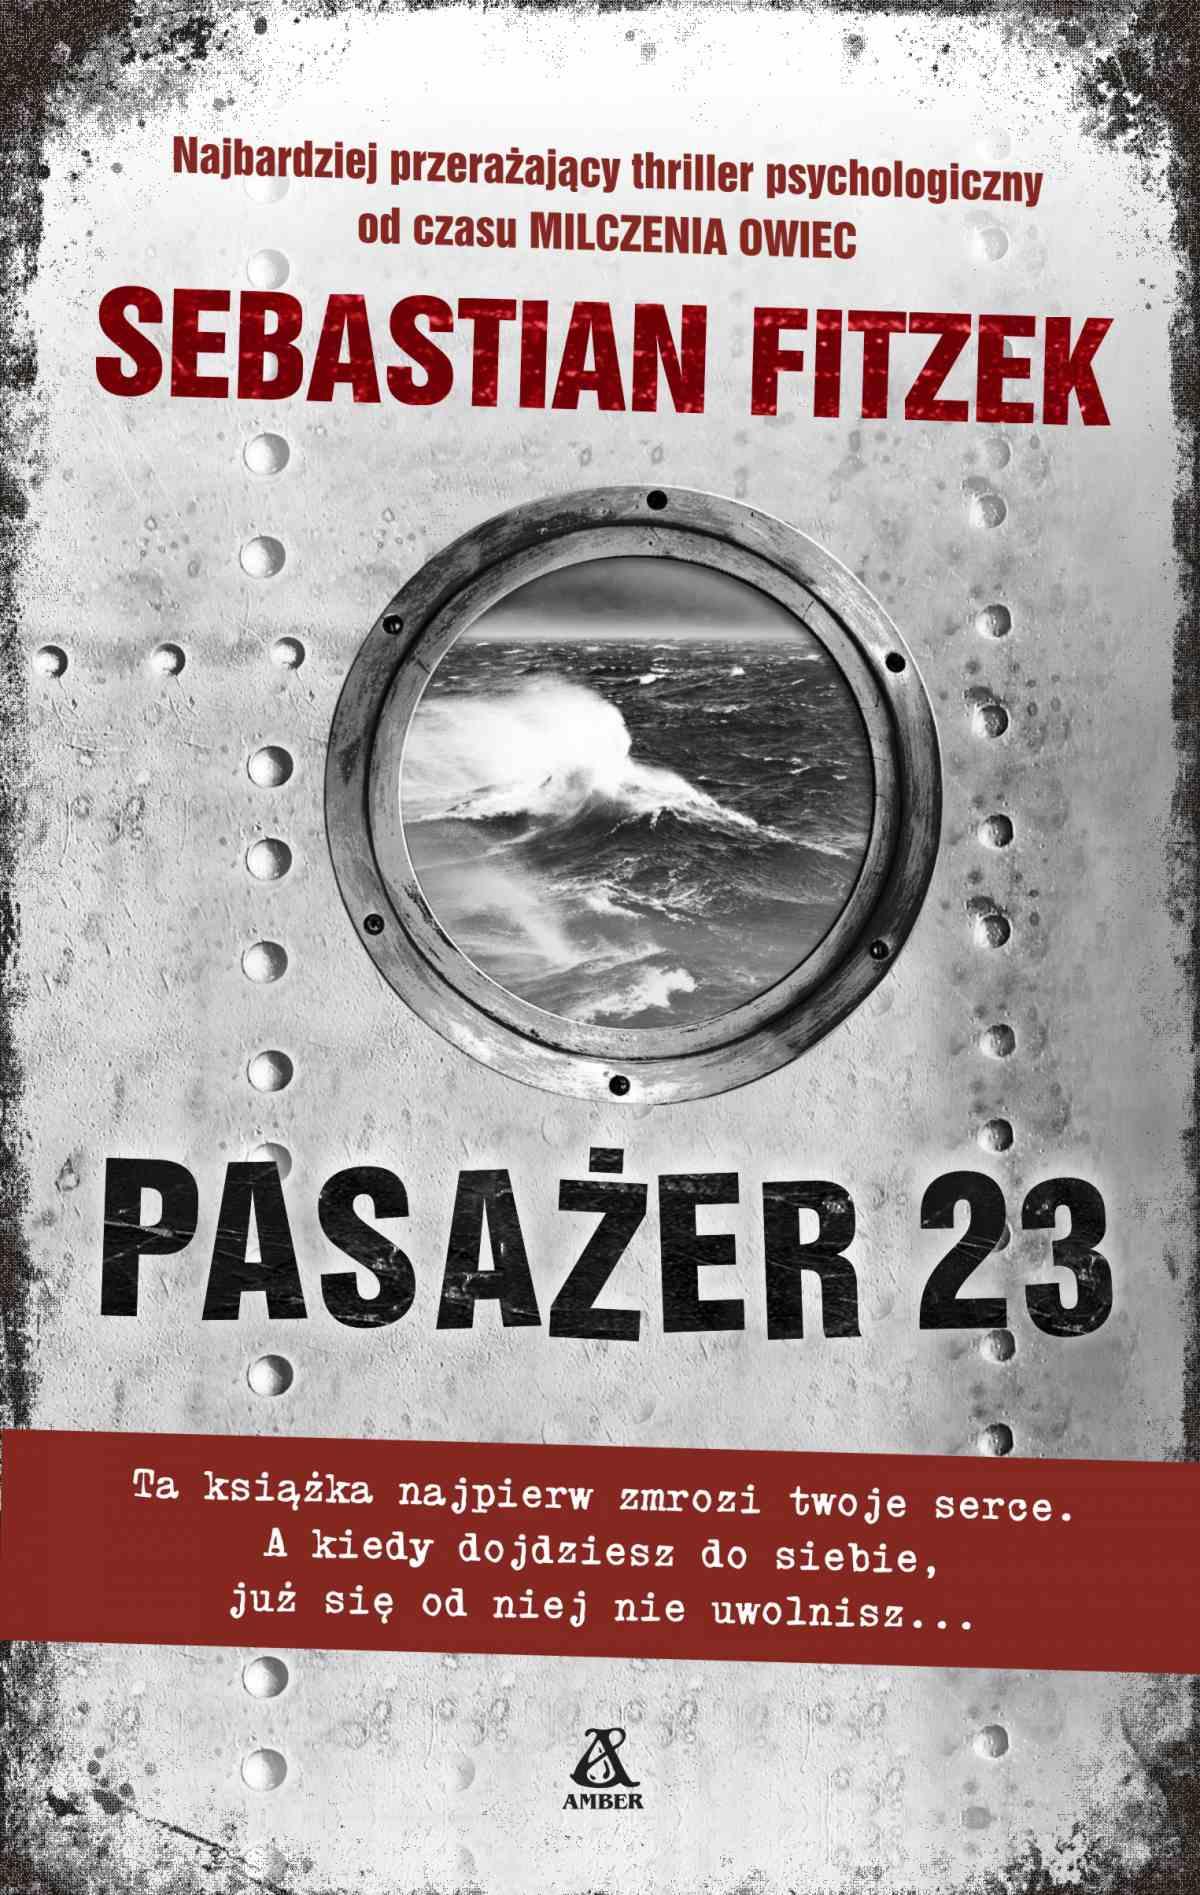 Pasażer 23 - Ebook (Książka na Kindle) do pobrania w formacie MOBI